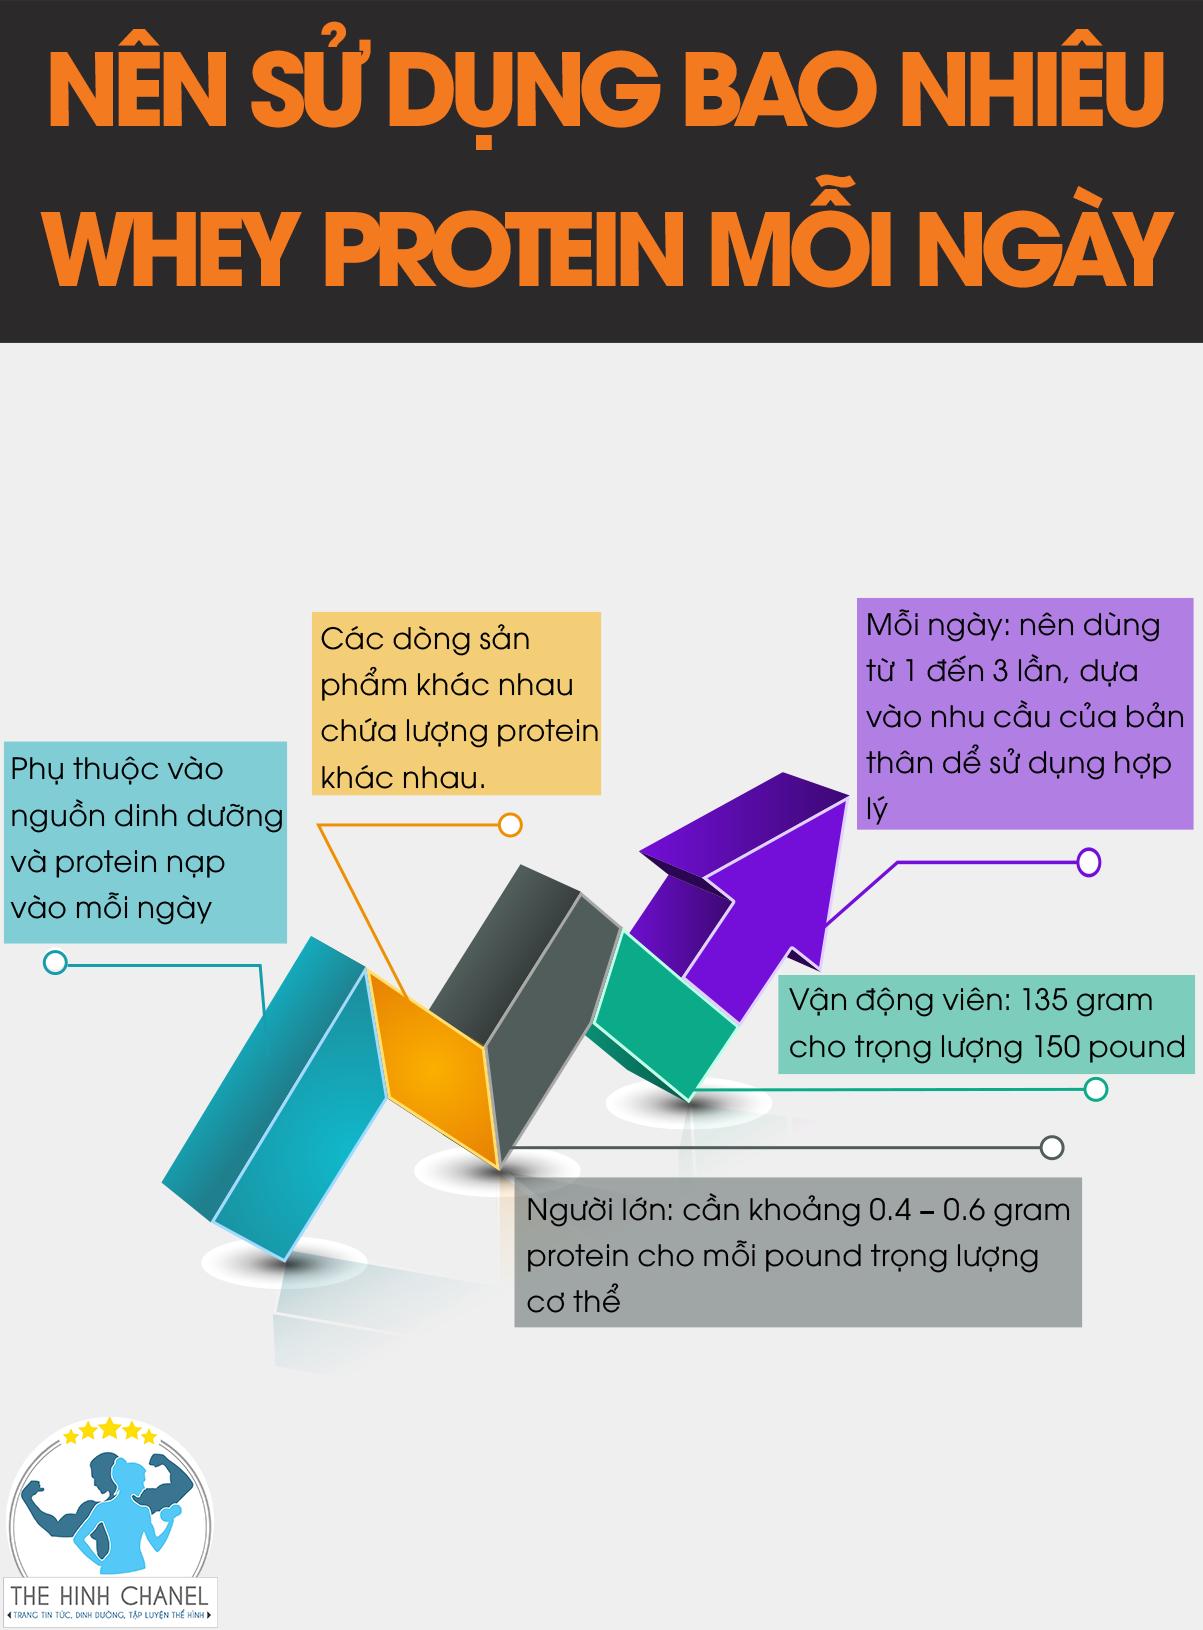 Bạn đã biết cách pha Whey Protein đúng cách tăng cơ giảm mỡ hiệu quả chưa? Tham khảo ngay nội dung bài viết dưới đây để biết thêm chi tiết nhé